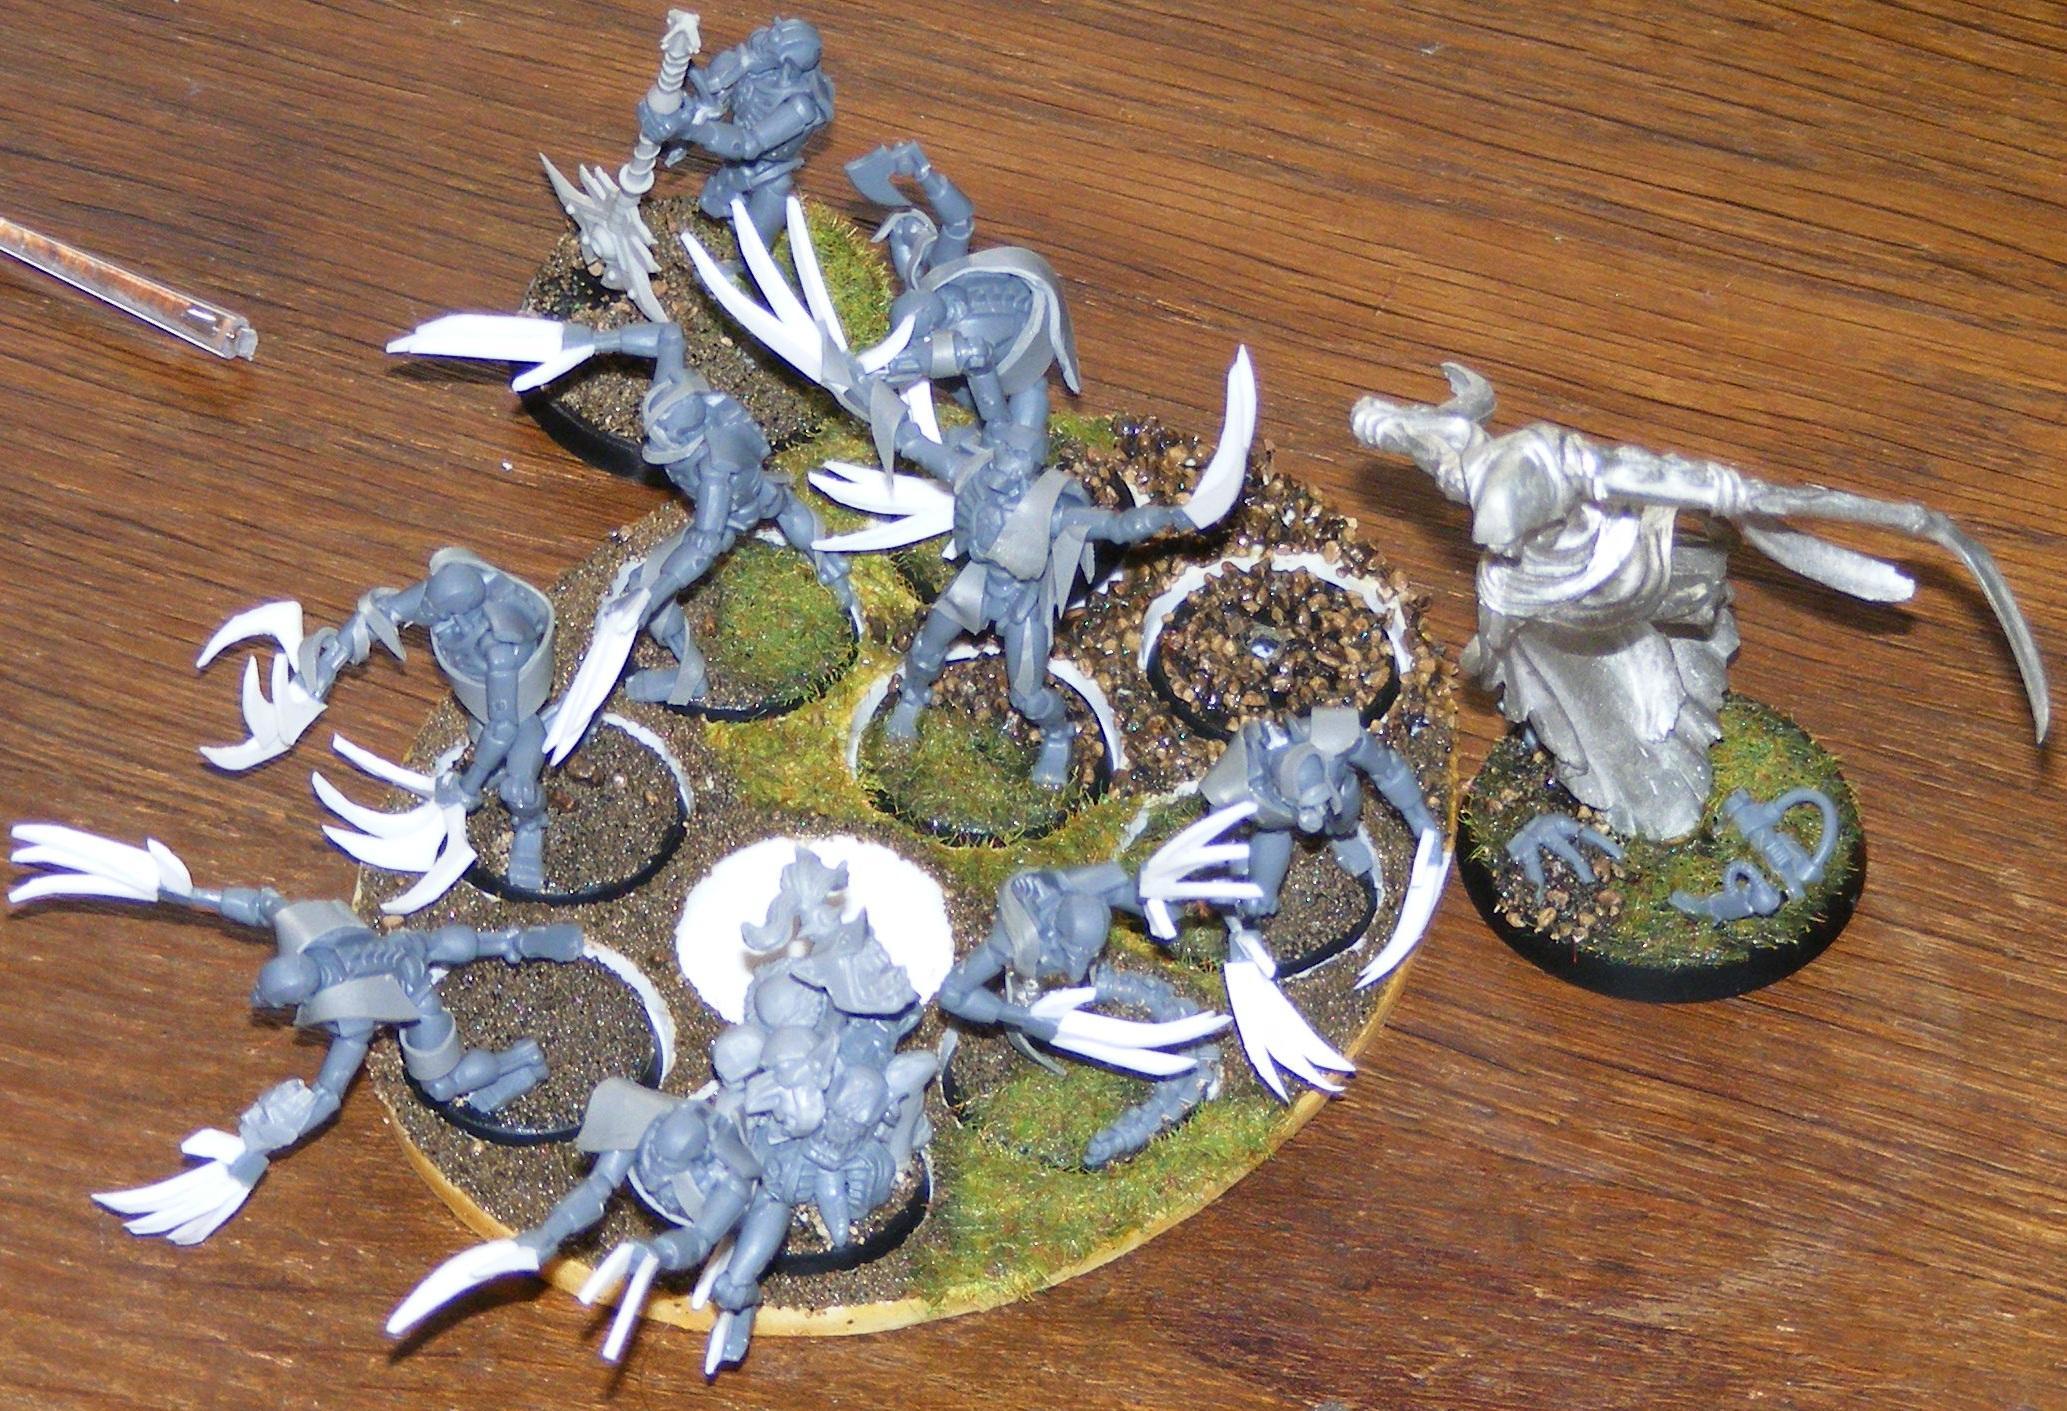 Necrons, Warhammer 40,000, Work In Progress